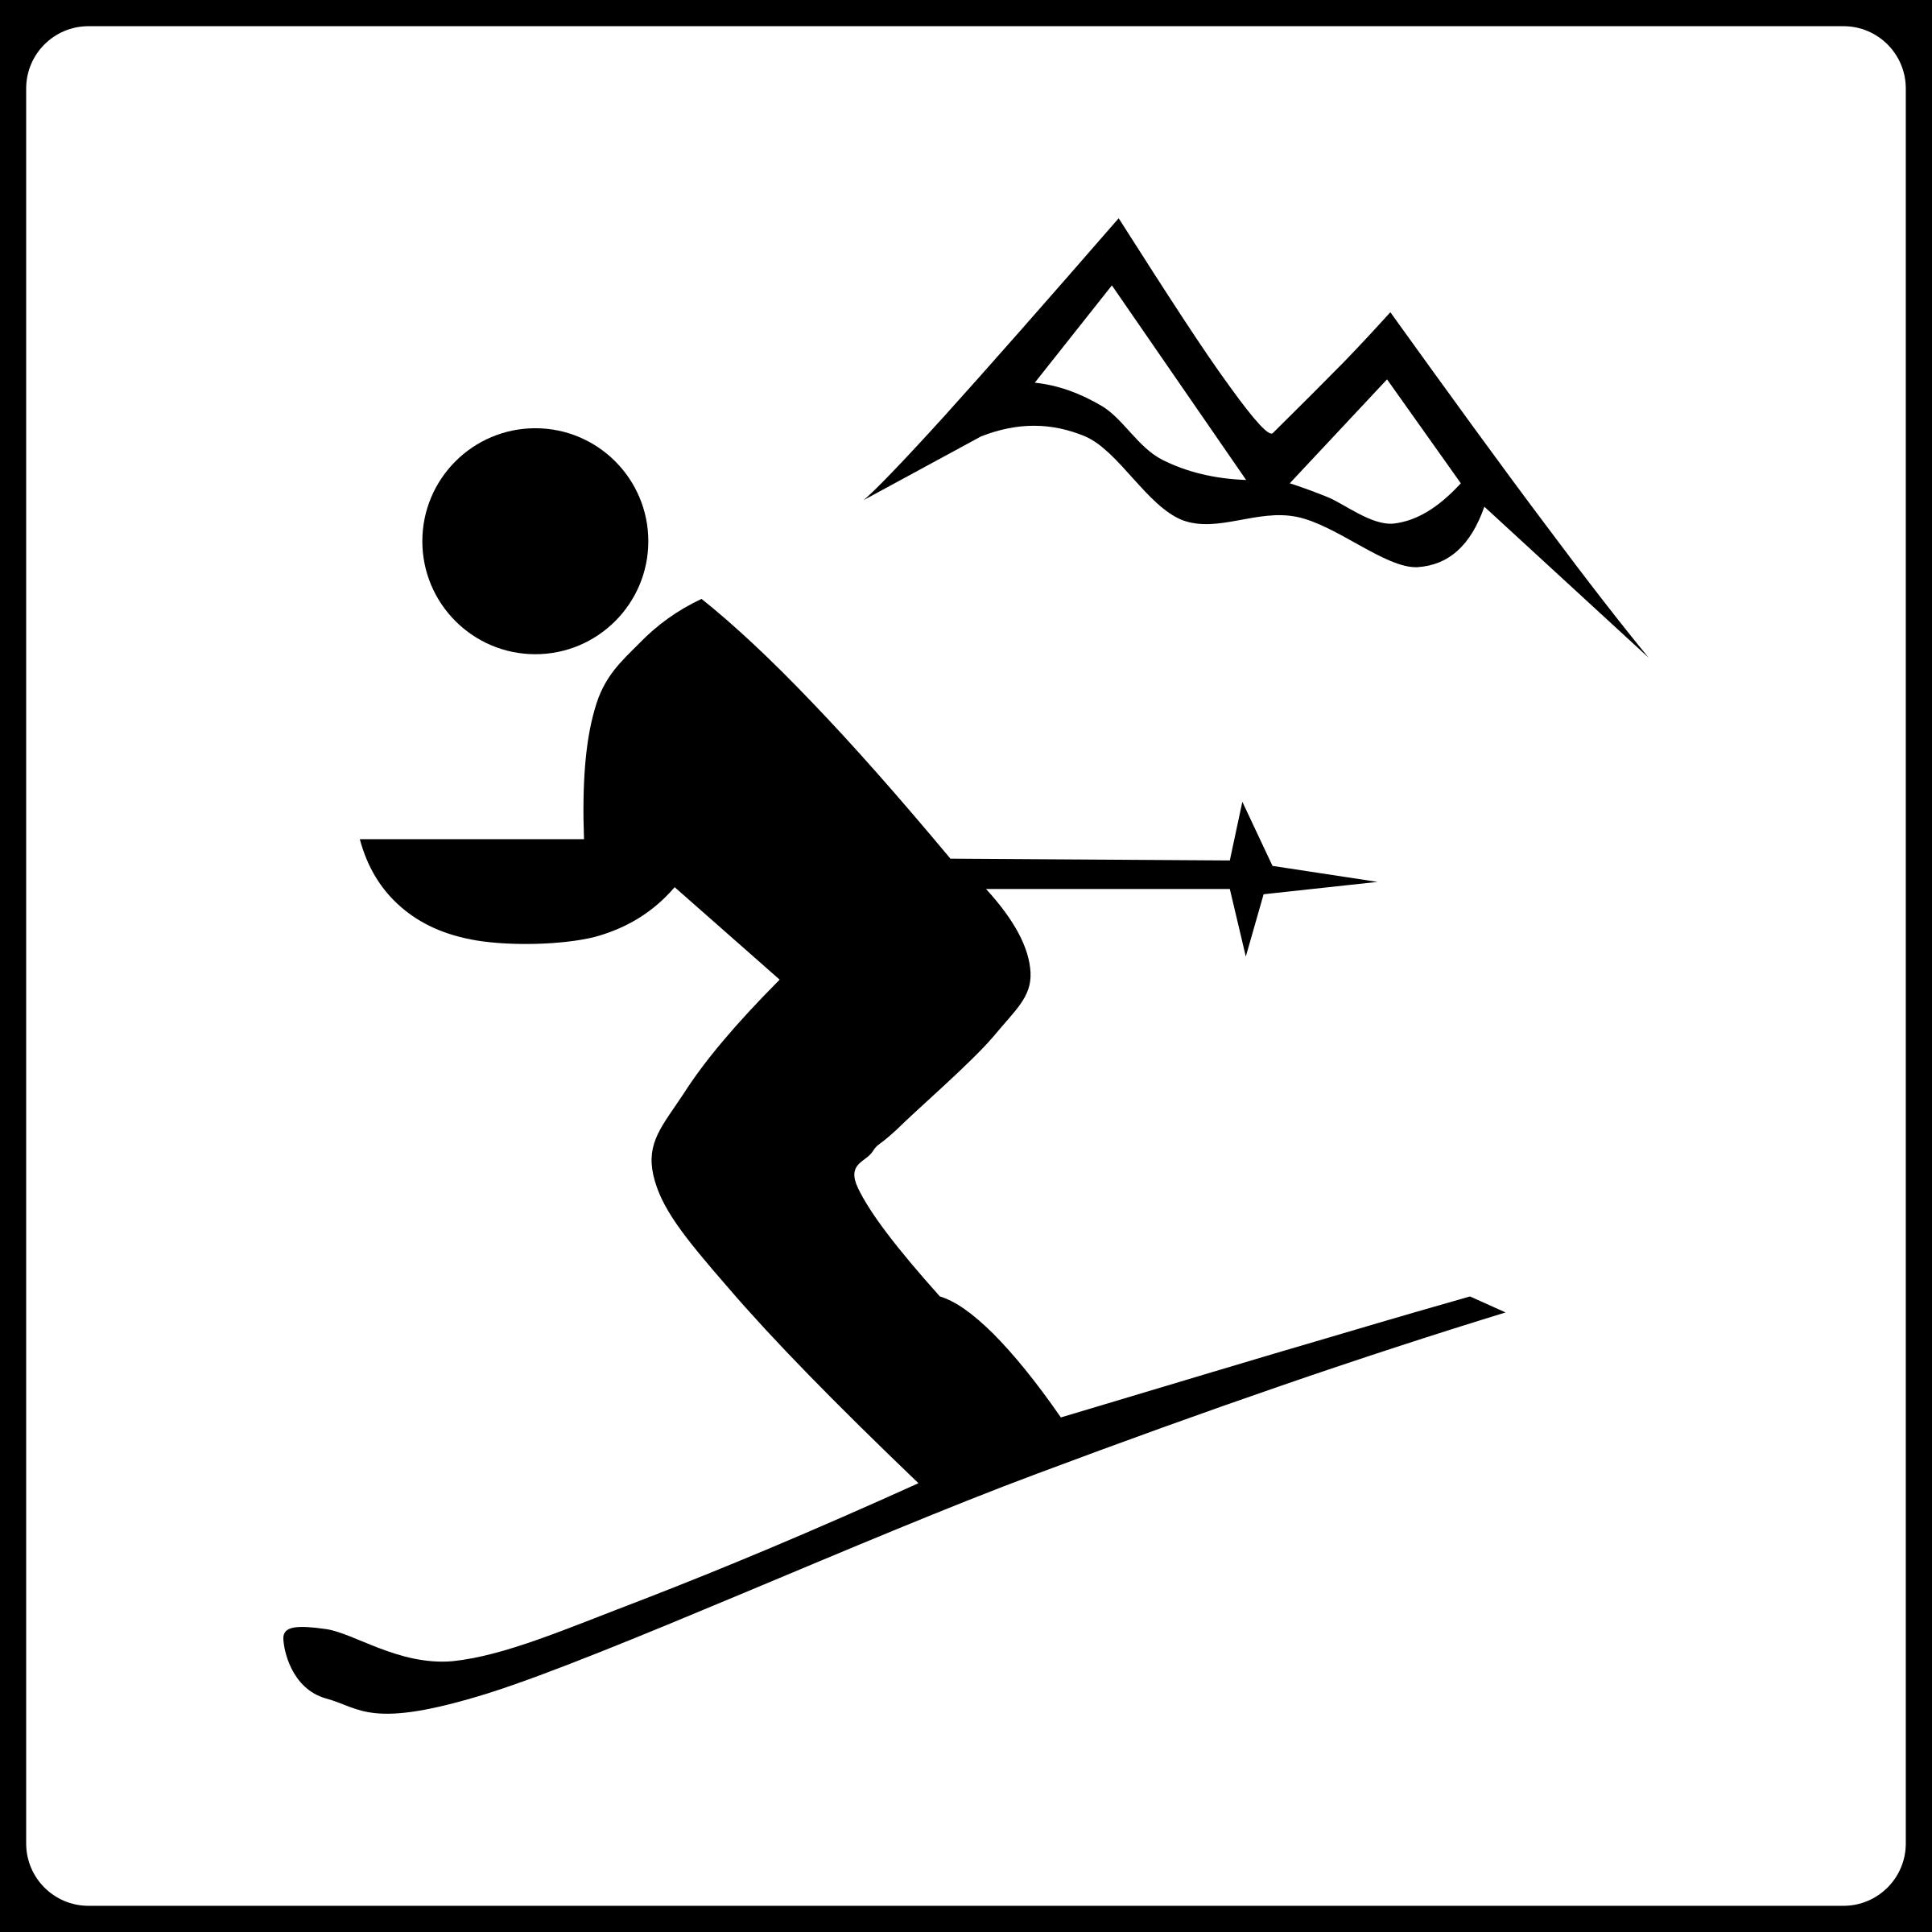 2400x2400 Clipart Ski Clipartmonk